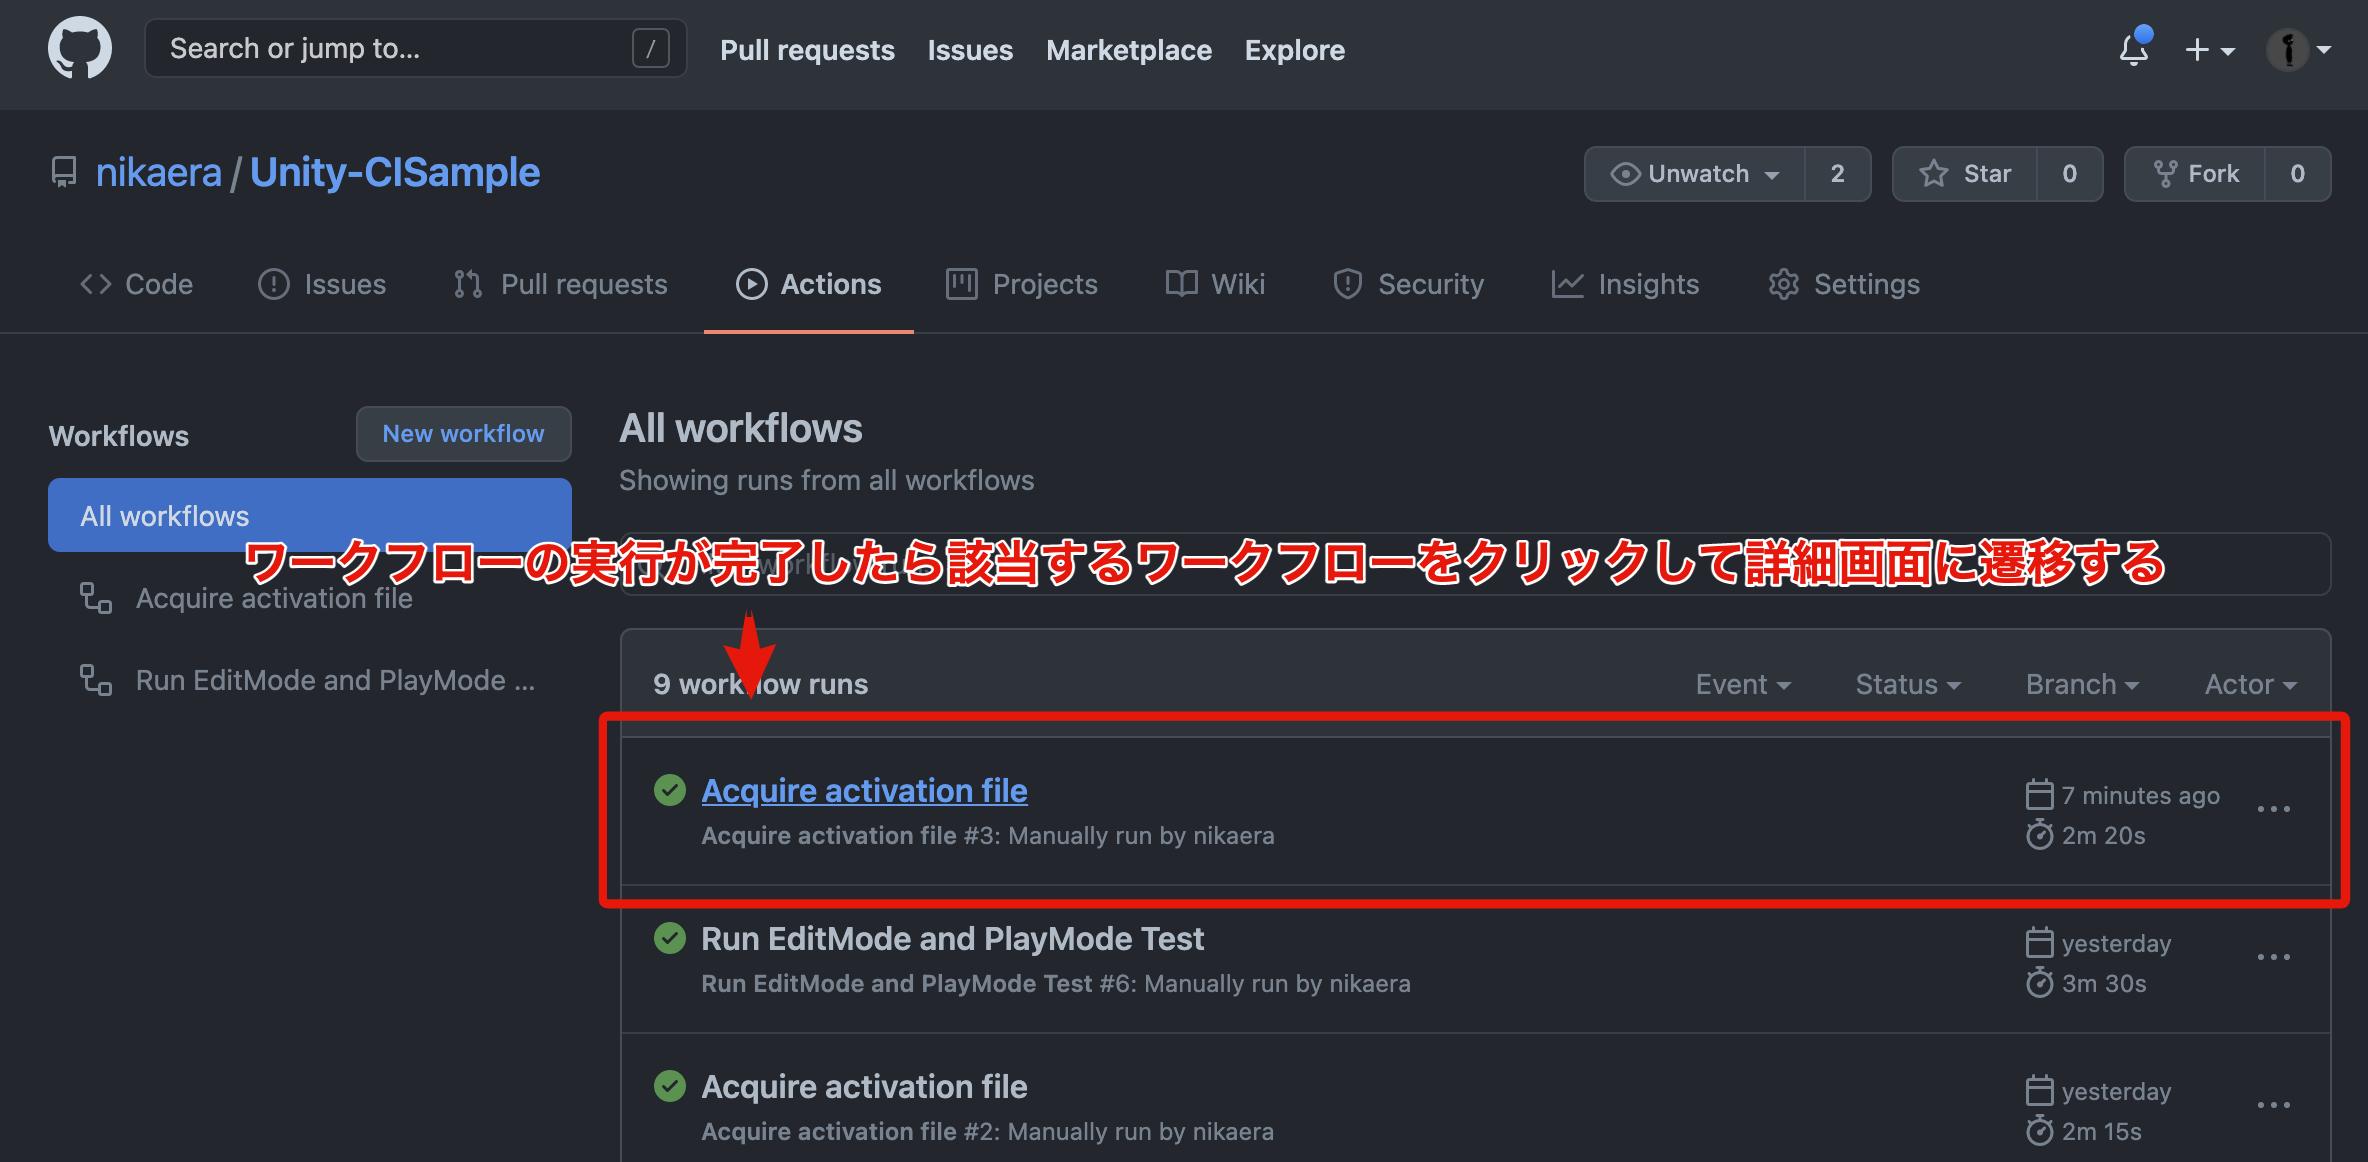 2. ワークフローの実行に成功したら、該当項目をクリックして詳細画面に遷移する